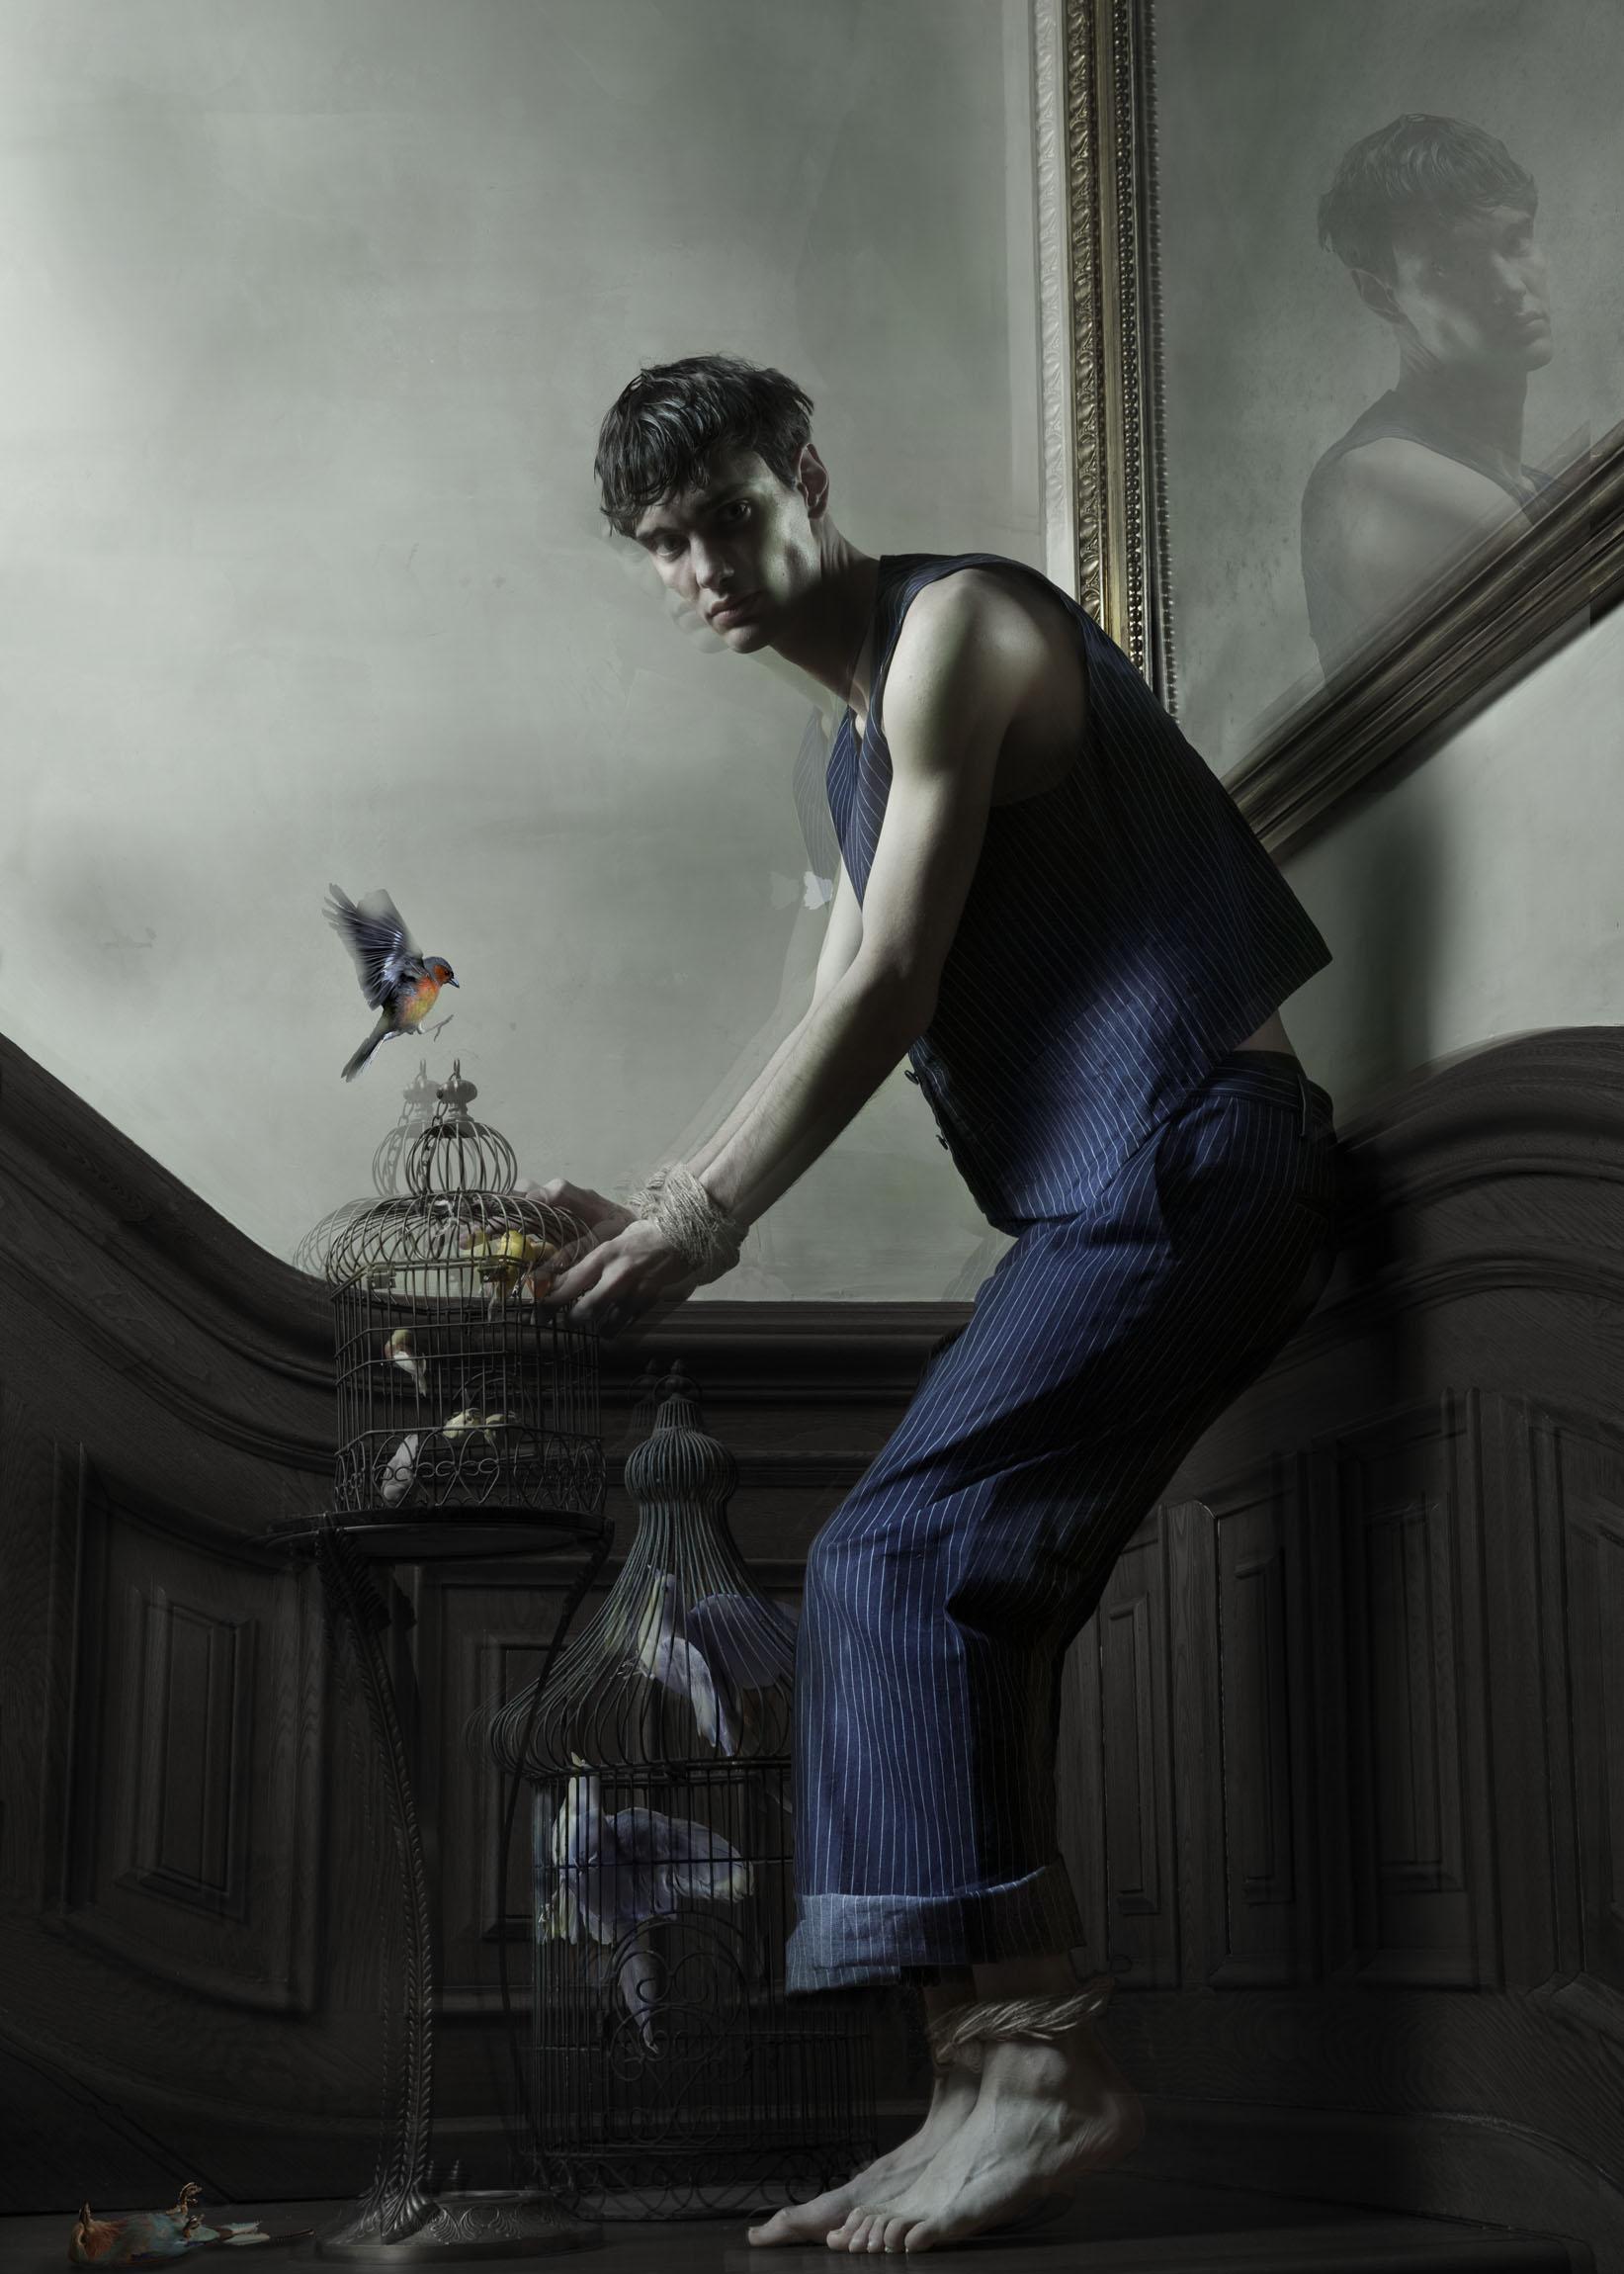 Spirit-&-Flesh-Magazine_PRESTIGE-by-Roy-Schweiger_05